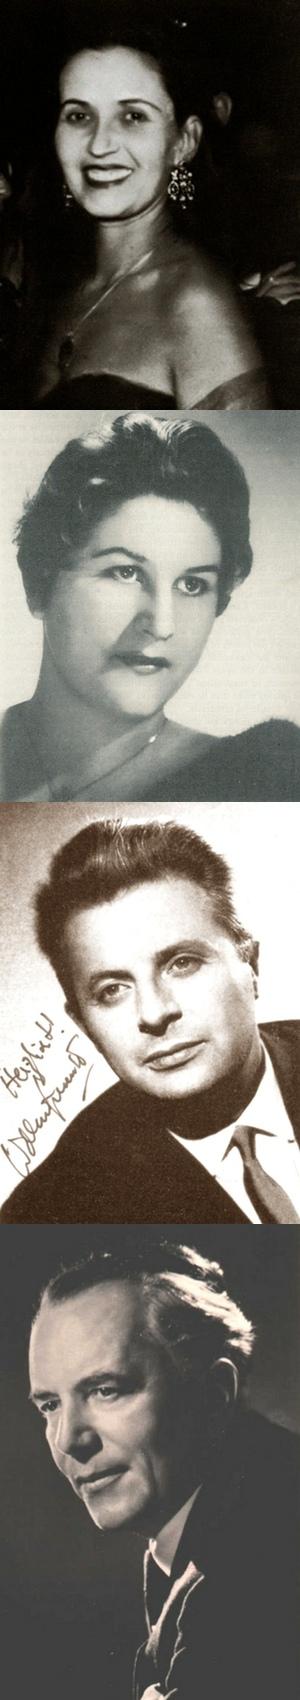 Magda László (S), Hilde Rössel-Majdan (A), Waldemar Kmentt (T), Alfred Poell (B)